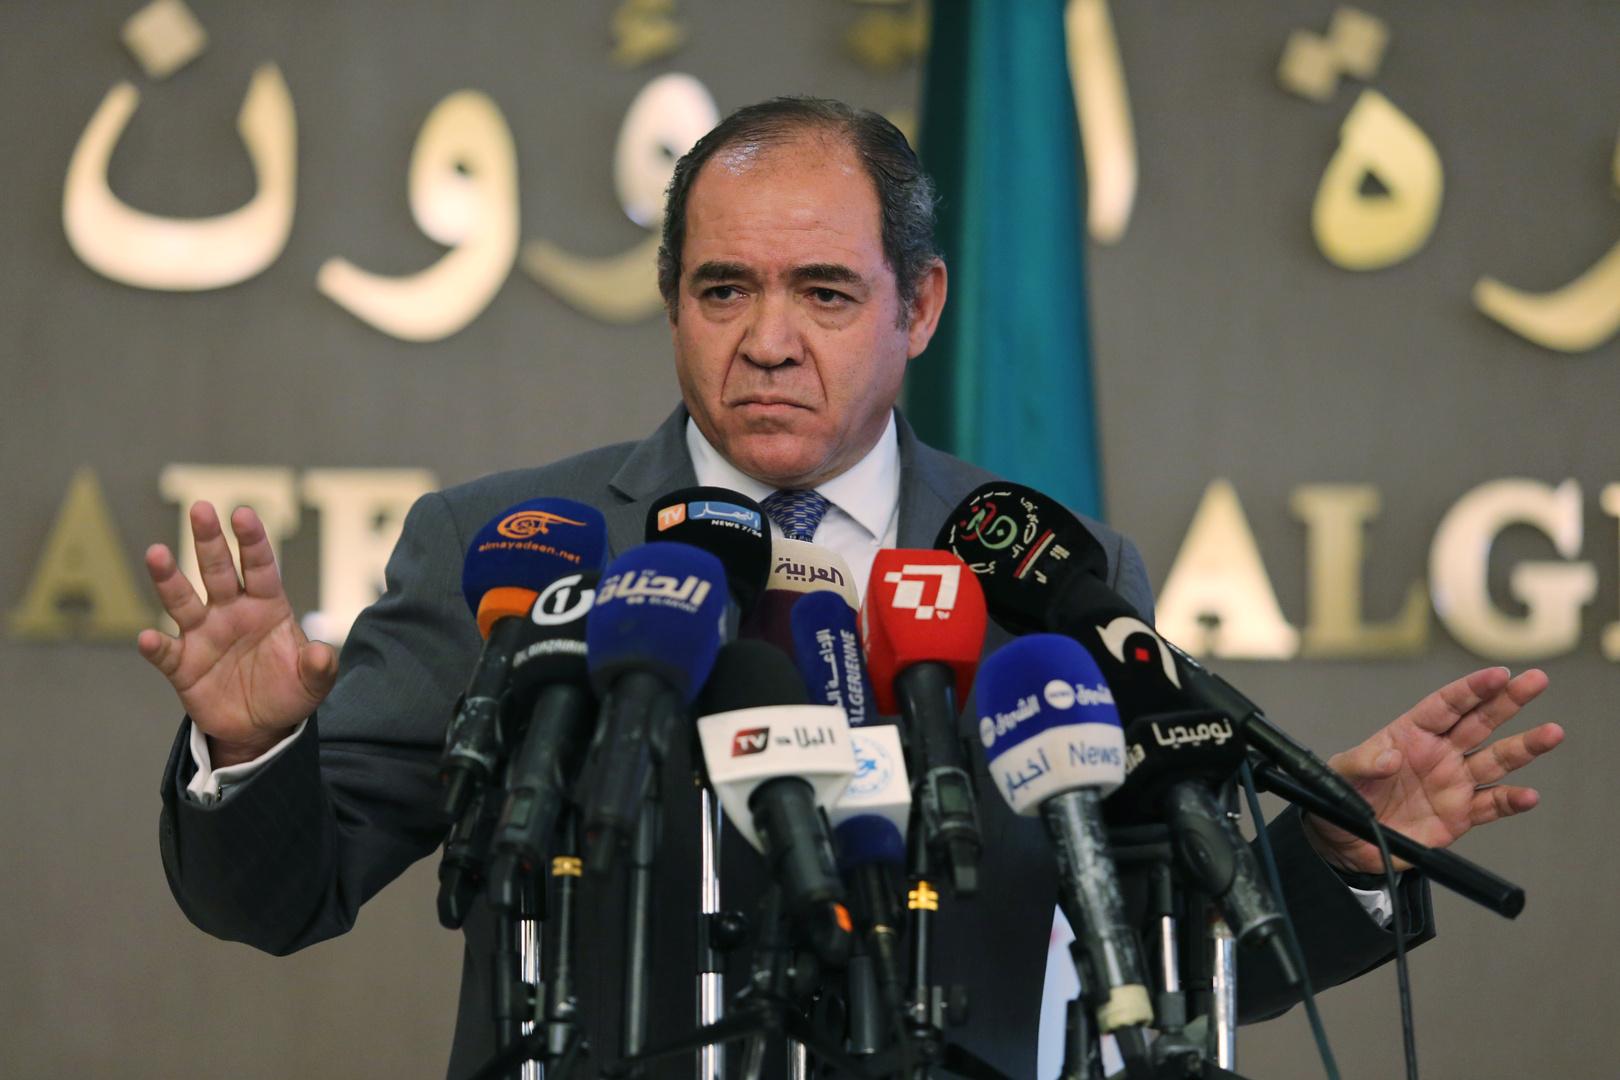 بوقدوم: الجزائر لم تقف في موضع المتفرج وليبيا تمر بمحنتها الكبيرة